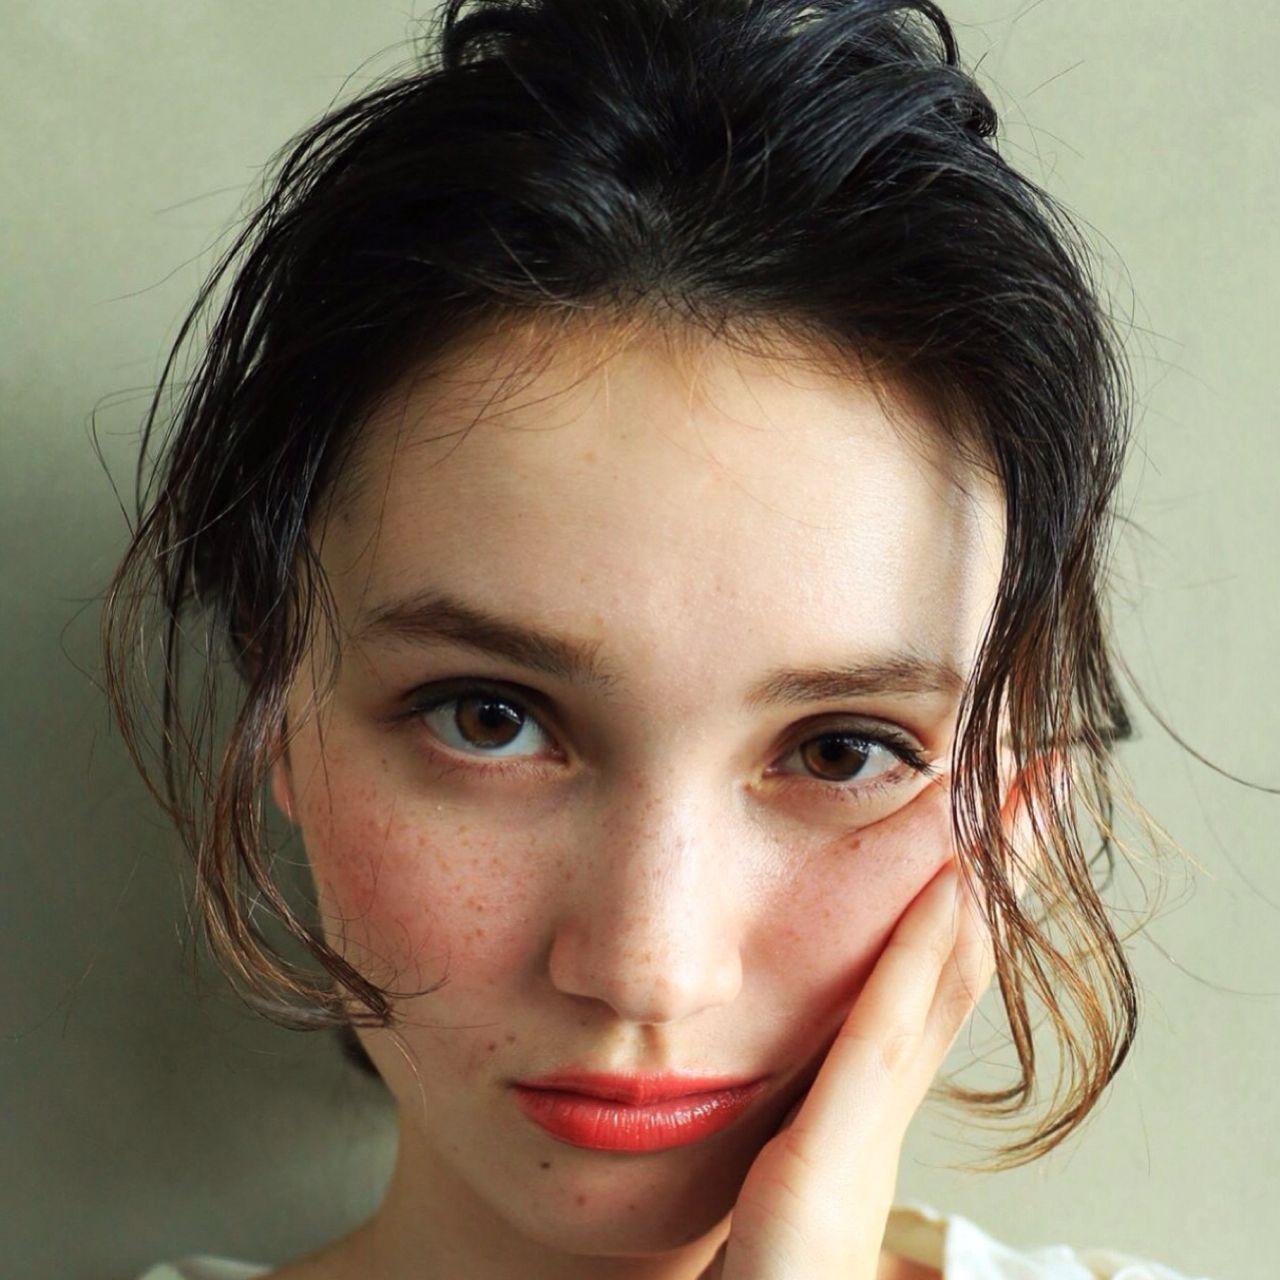 暗髪 センターパート 春 ナチュラル ヘアスタイルや髪型の写真・画像